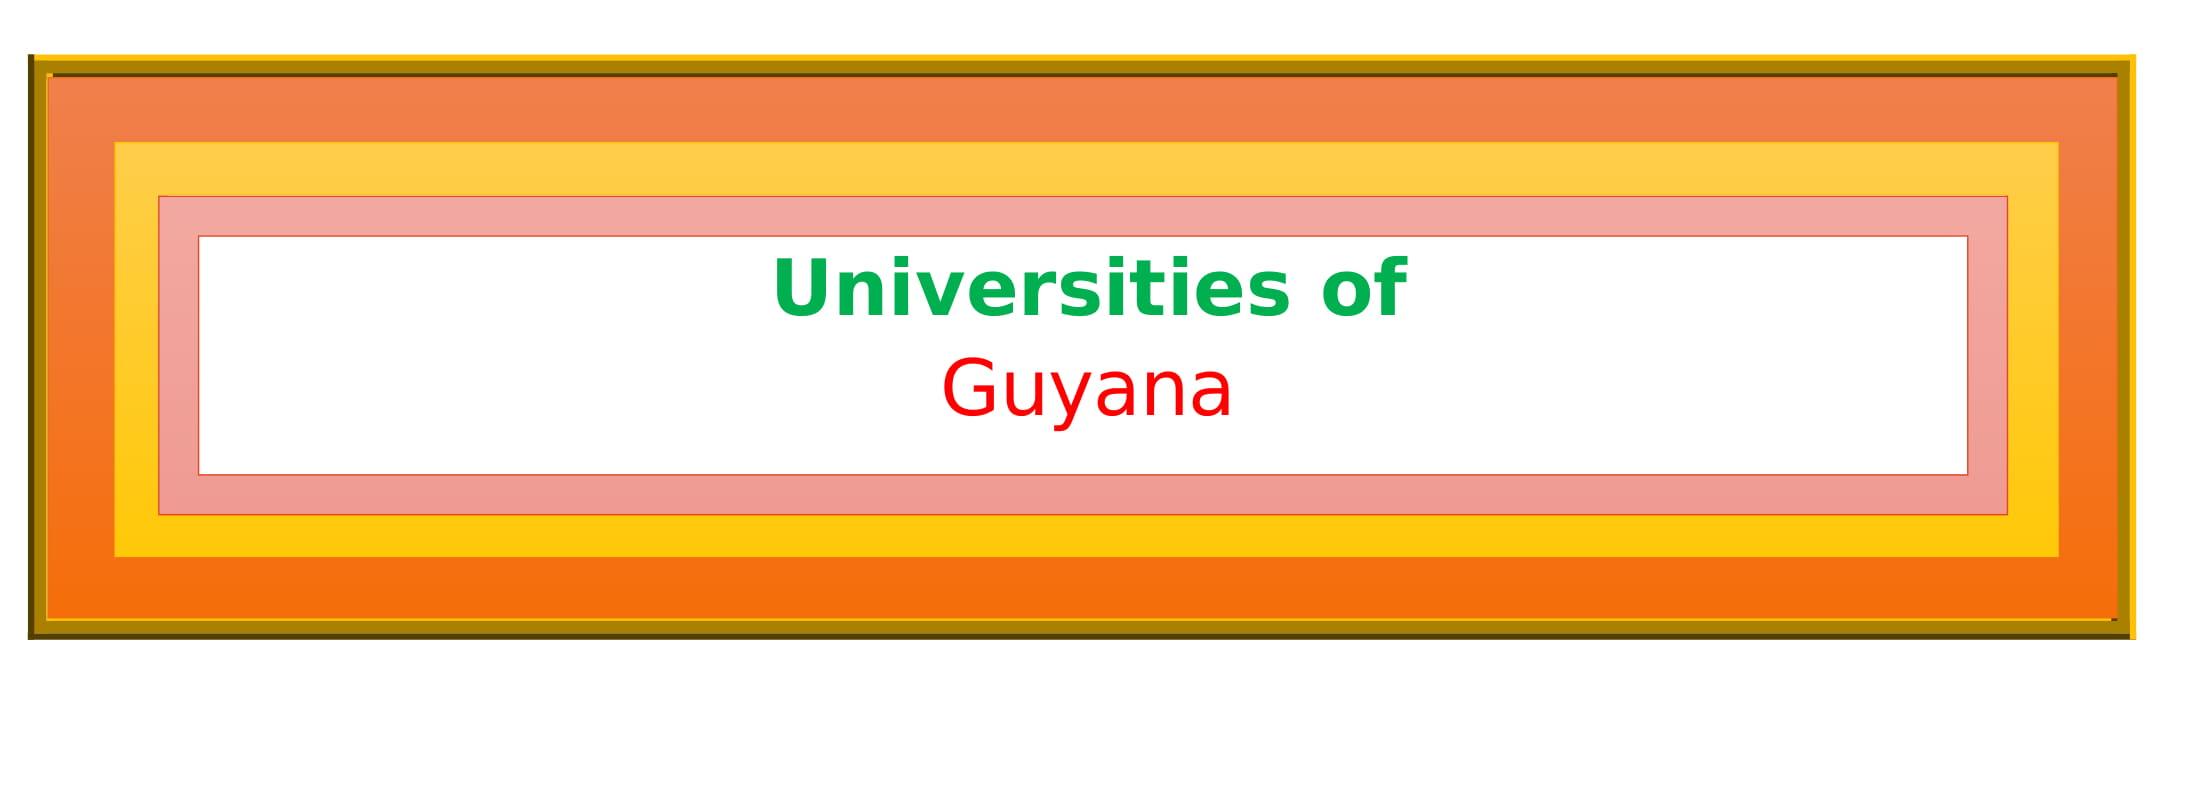 List of Universities in Guyana